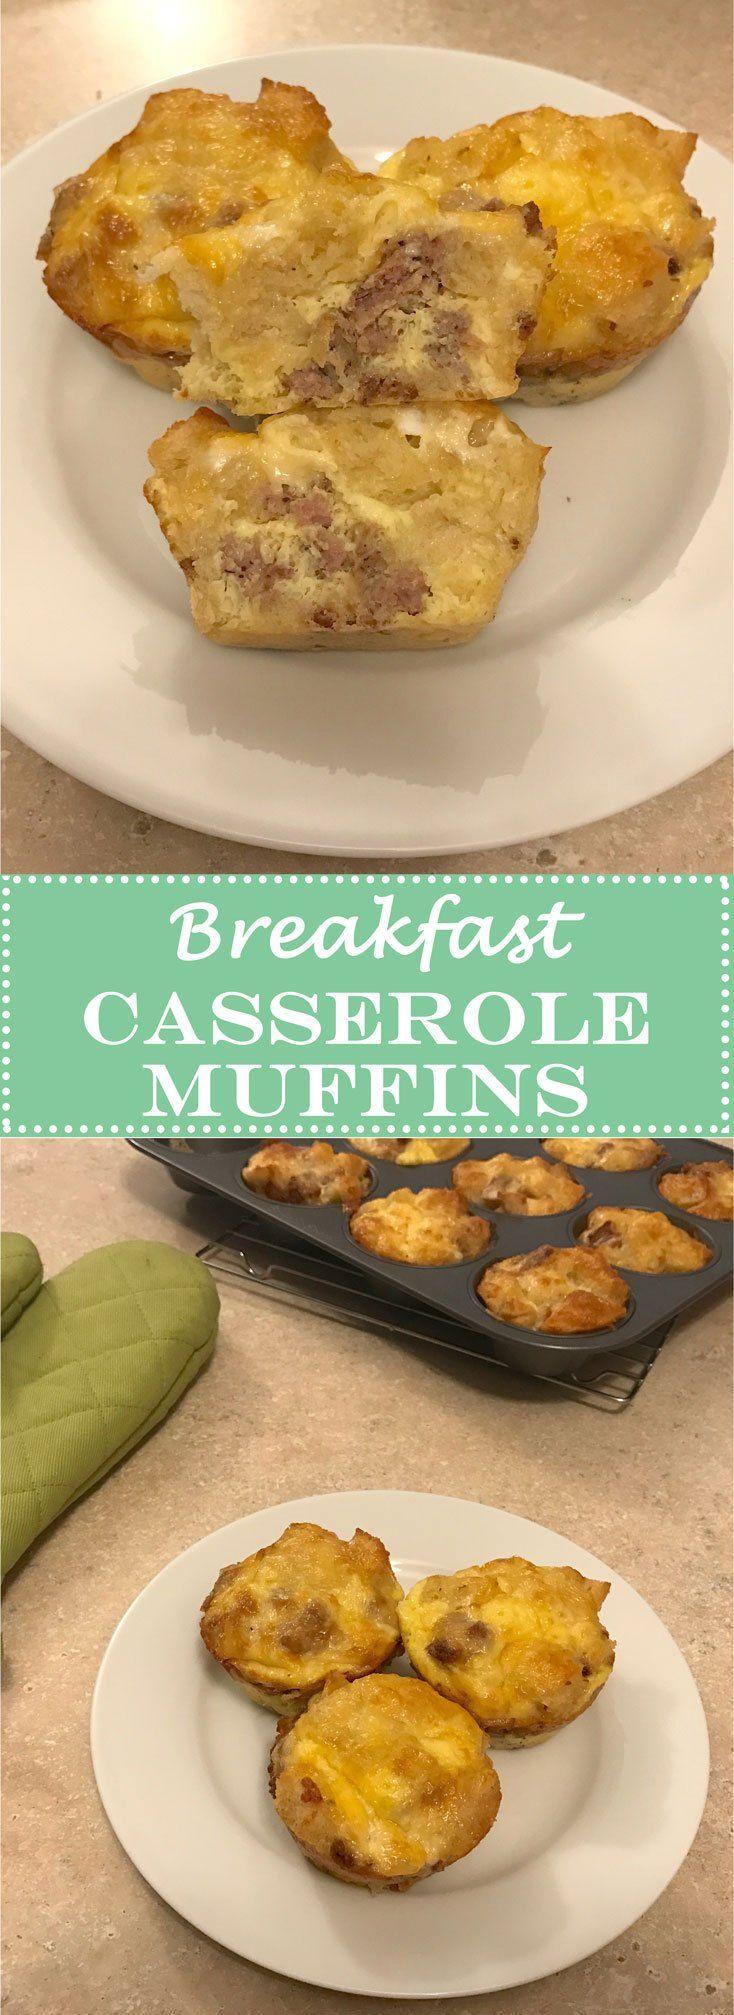 Breakfast Casserole Muffins. Eggs, bread, sausage, cheese...   www.cookcleancreate.co  #breakfast #breakfastcasserolemuffins #eggs #bread #sausage #cheese #cookcleancreate